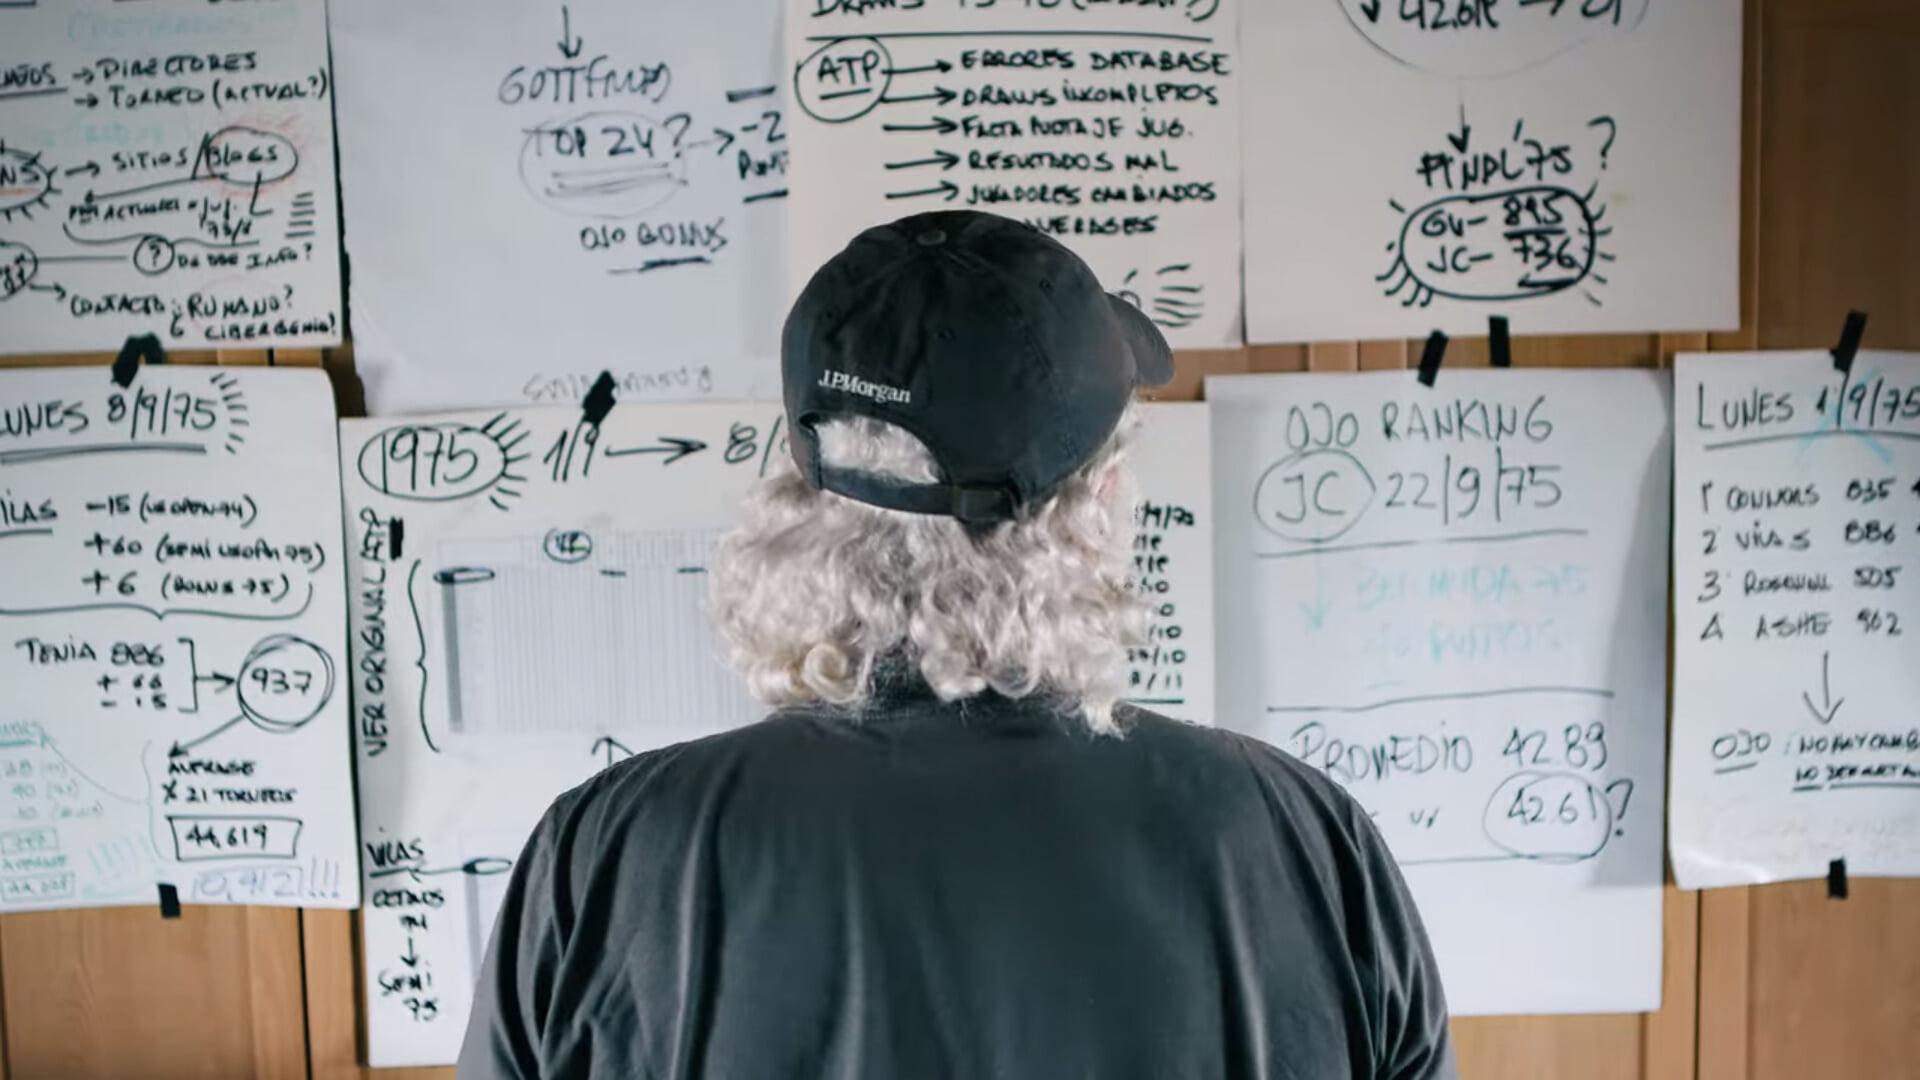 Гильермо Вилас 40 лет доказывает, что был первой ракеткой мира. Его сторонники собрали 1000 страниц доказательств, а Netflix снял об этом документалку